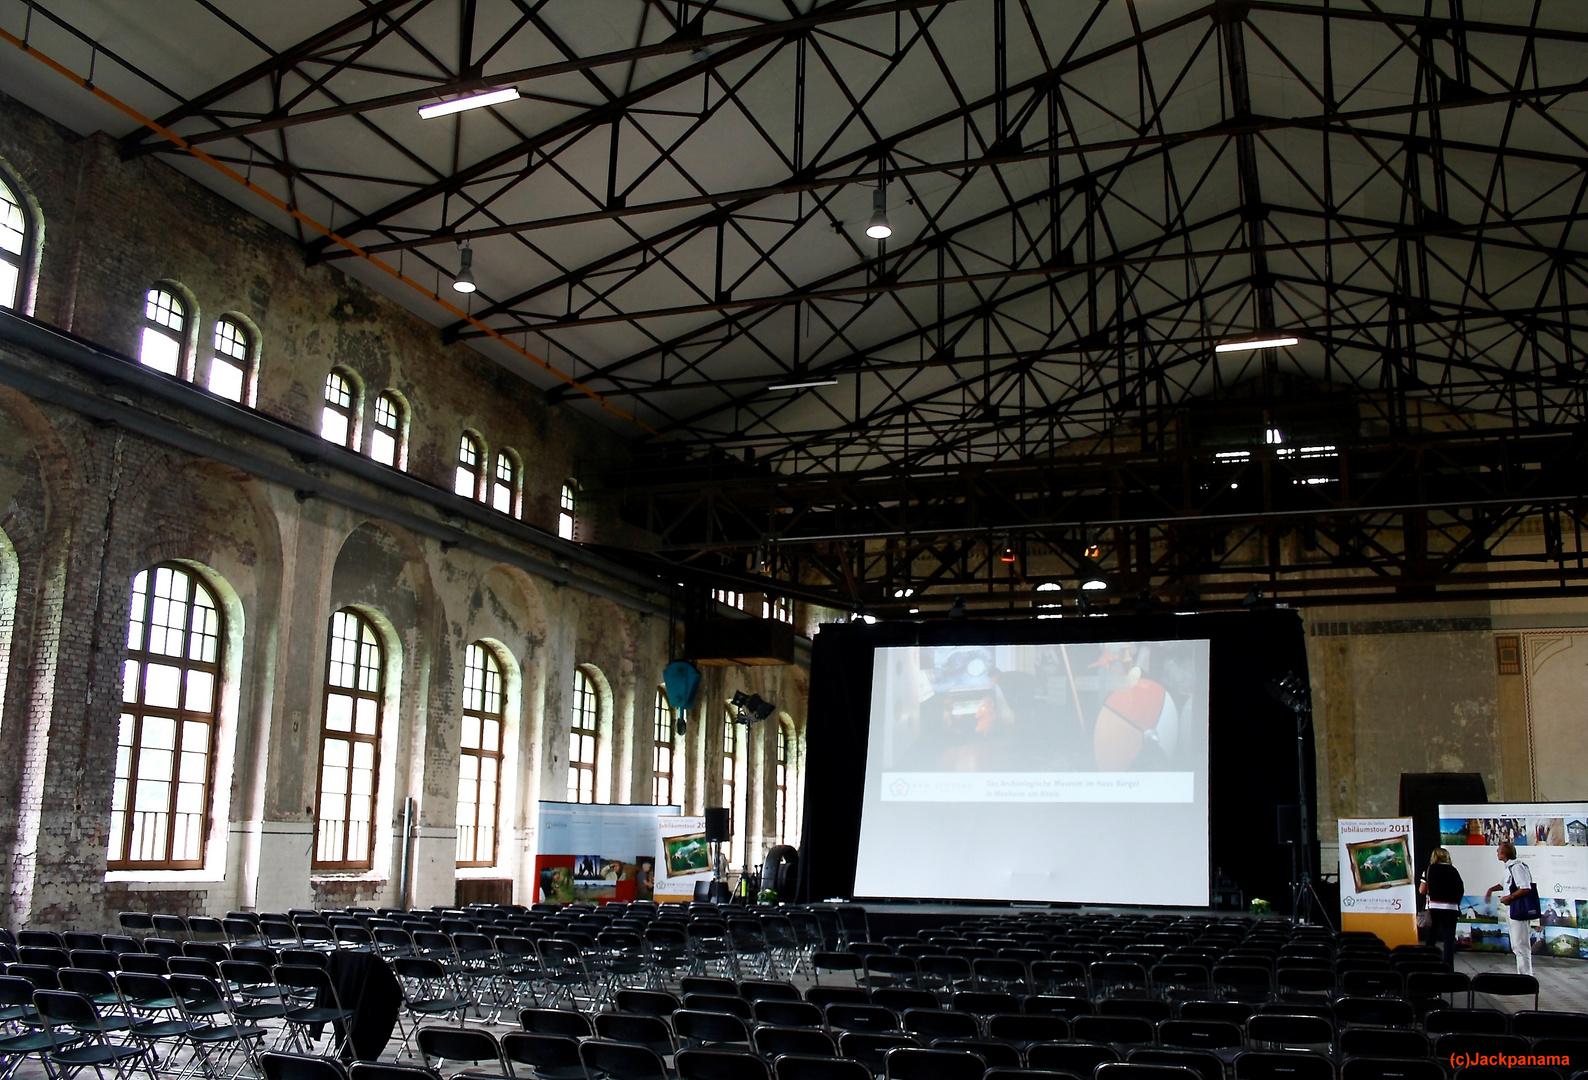 Blick in die Maschinenhalle, die heute für Veranstaltungen genutzt wird